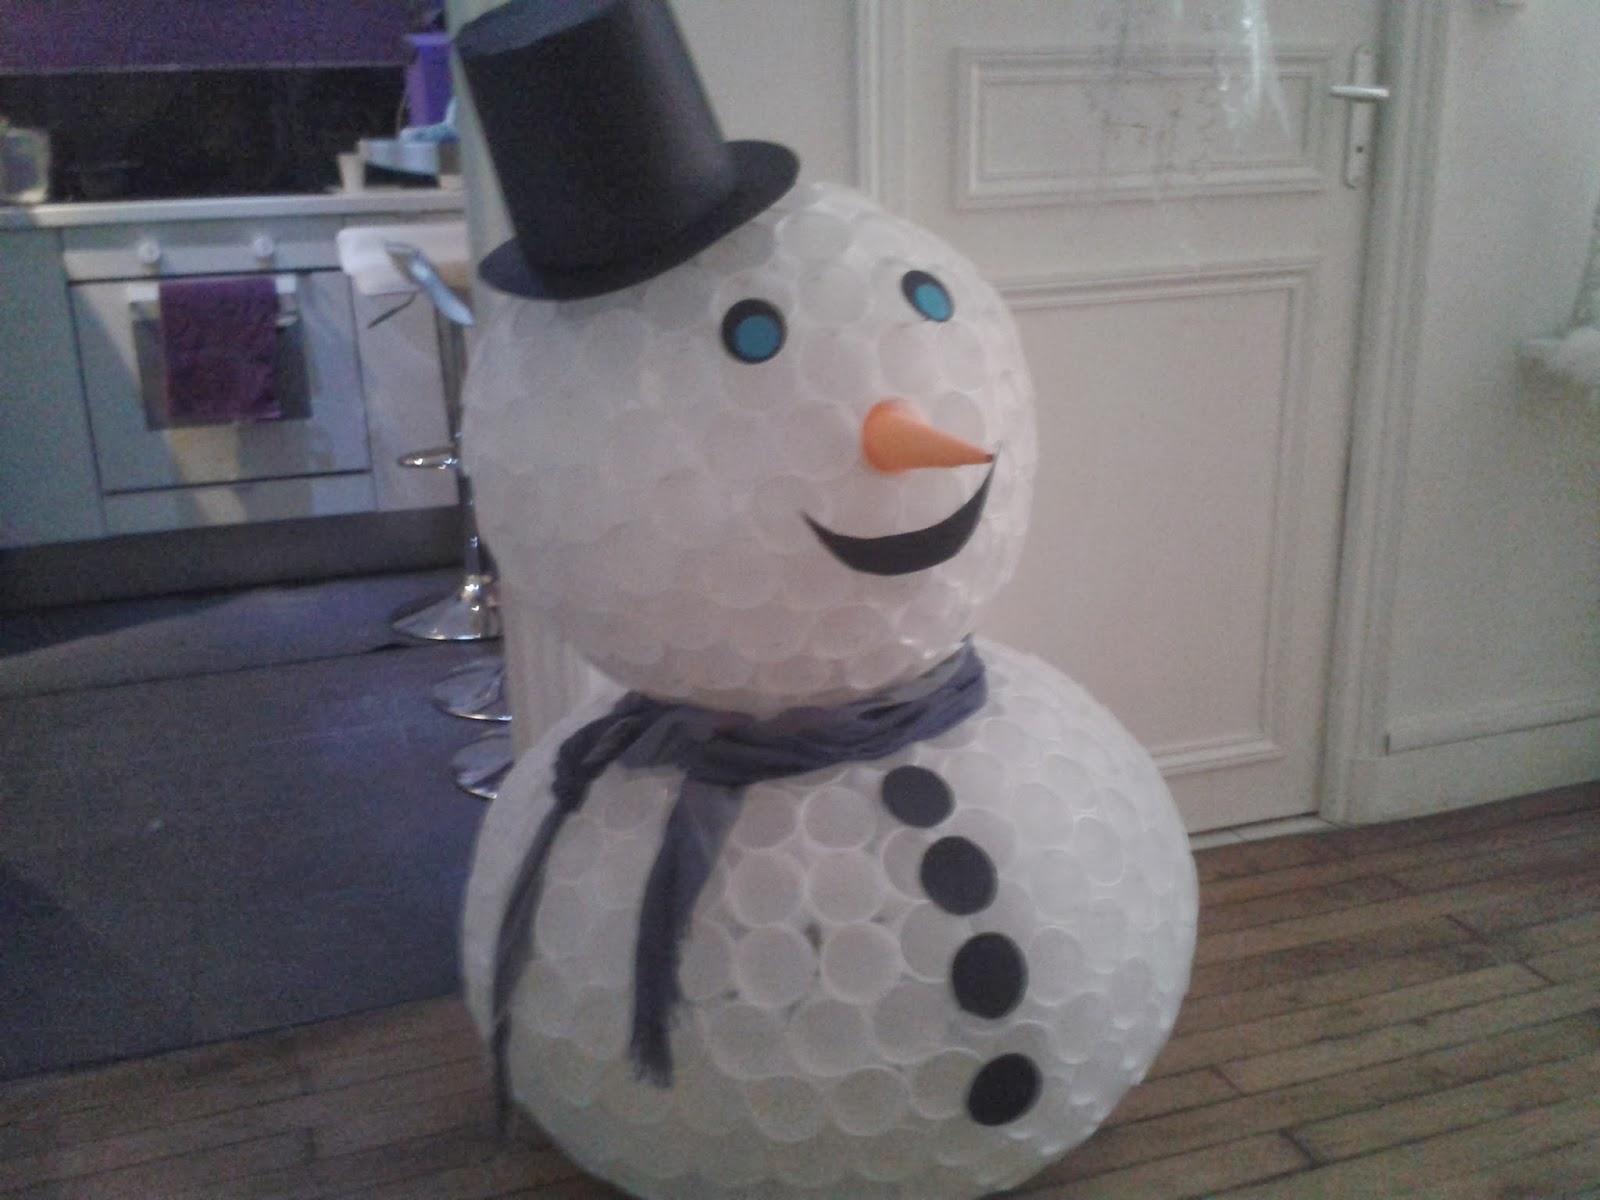 Diario d 39 une concierge bonhomme de neige gobeletets - Bonhomme de neige en gobelet combien ...